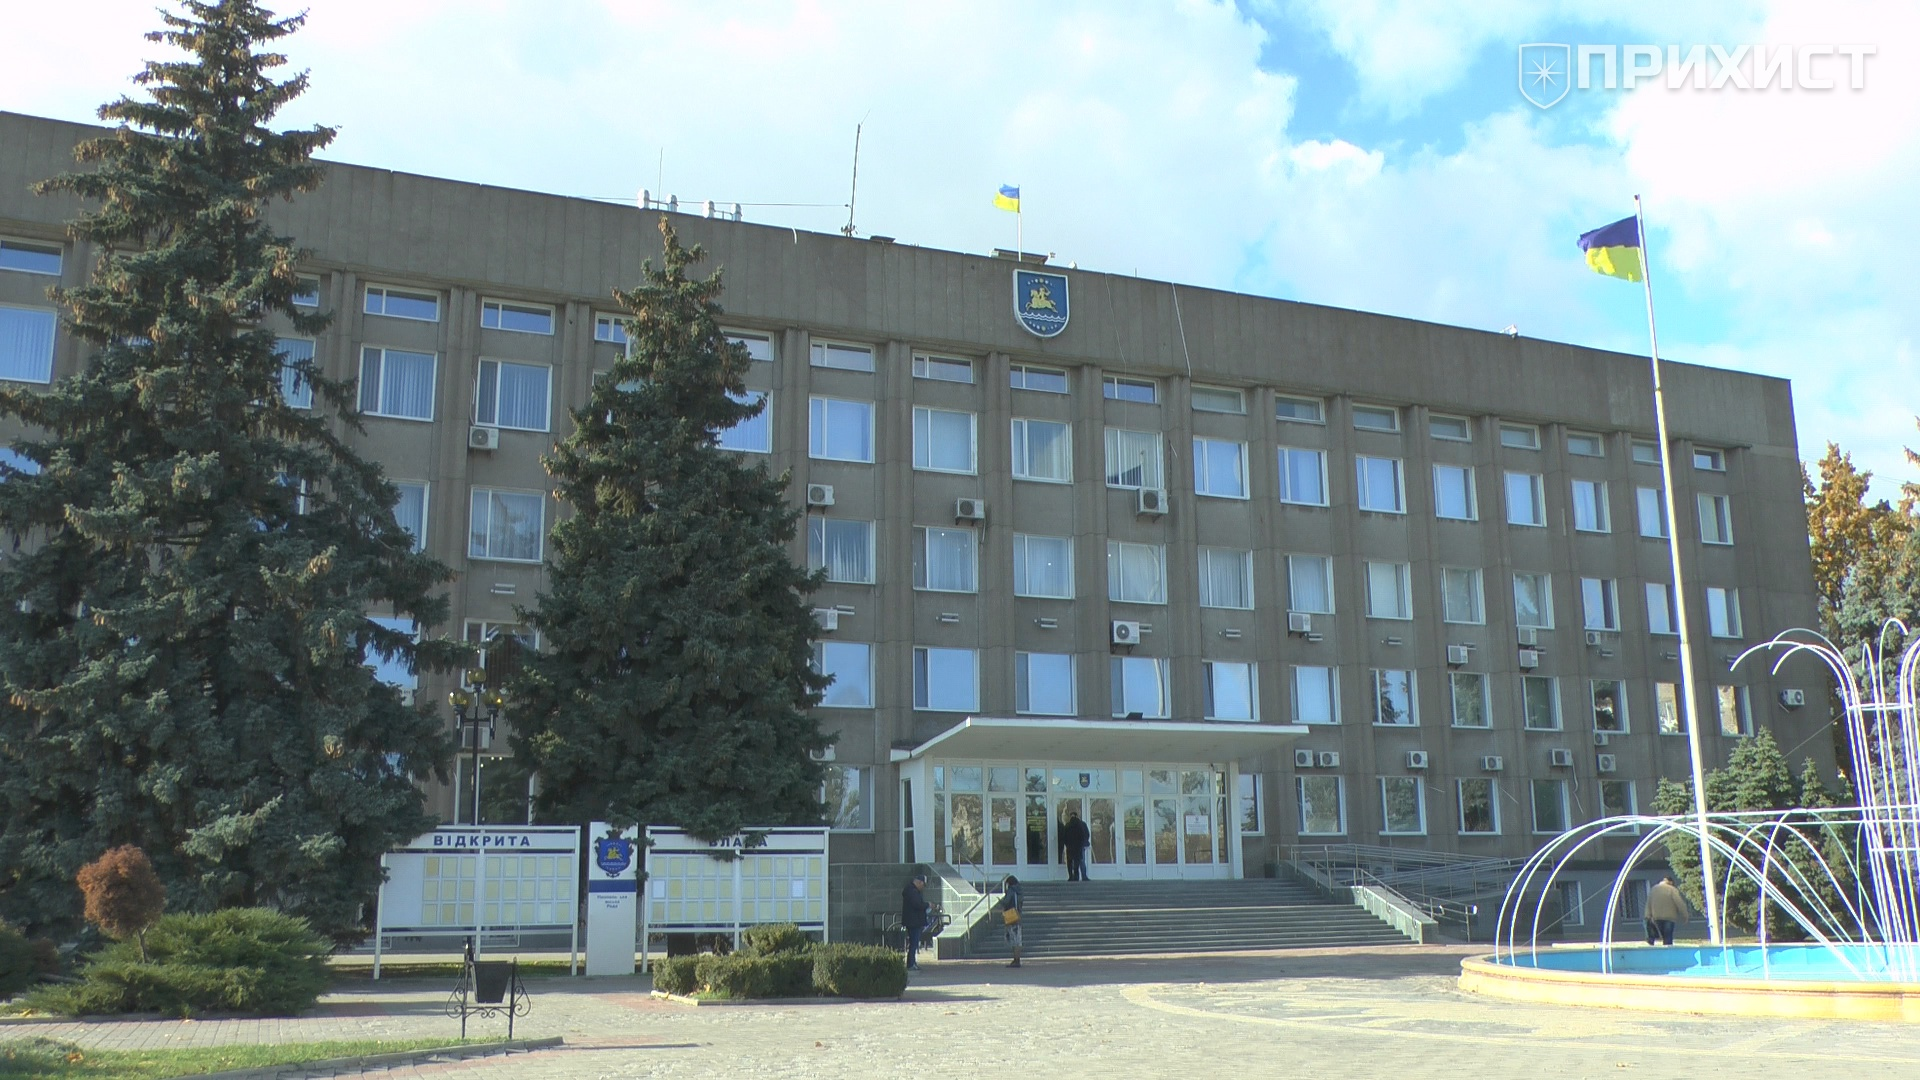 Остання сесія Фісака: пакетне голосування, Почесний громадянин та резолюції Журавльова | Прихист